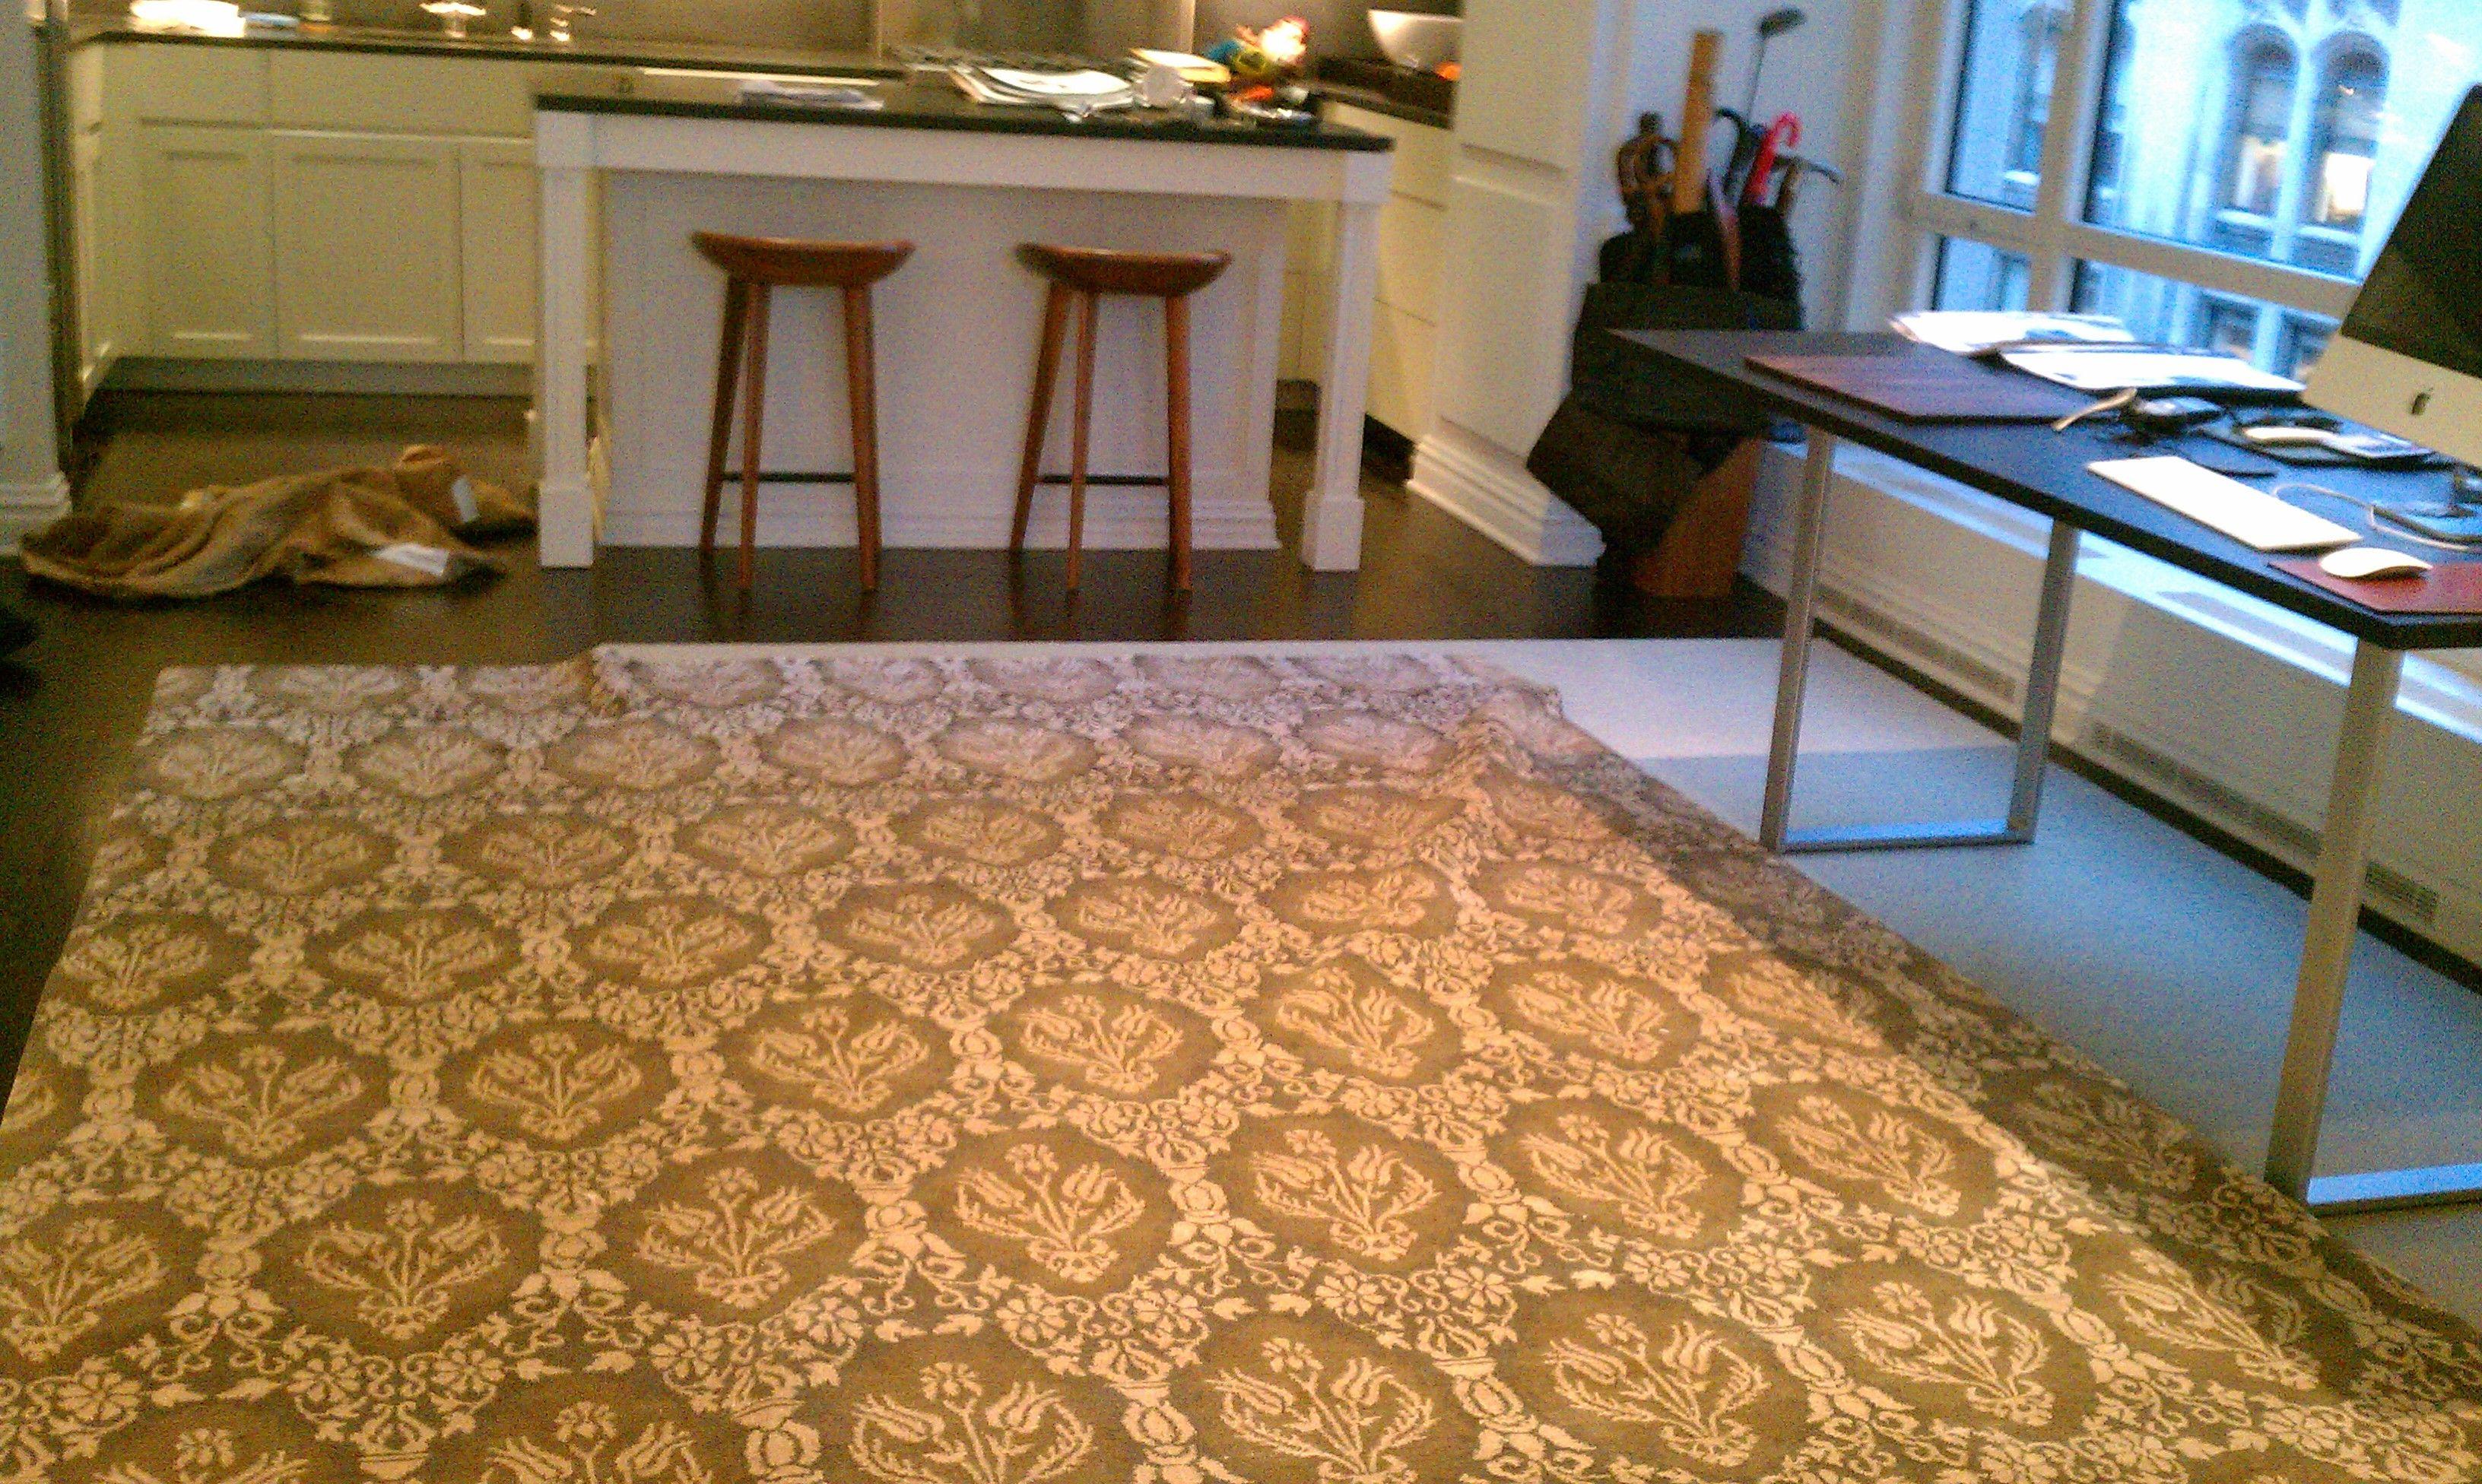 Rug sale basement and floor sample on pinterest handmade for Rugs for basement floors